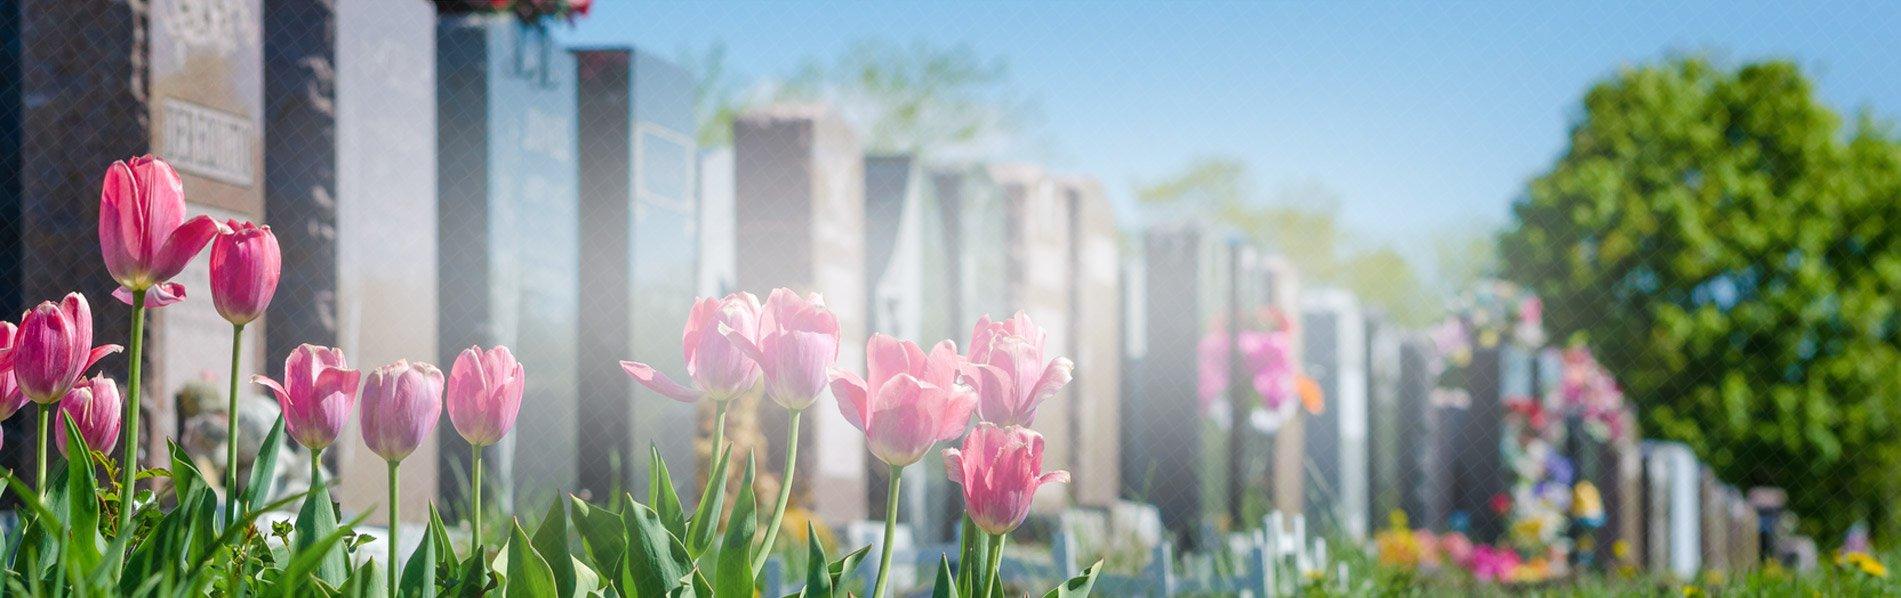 cimetiere fleurs